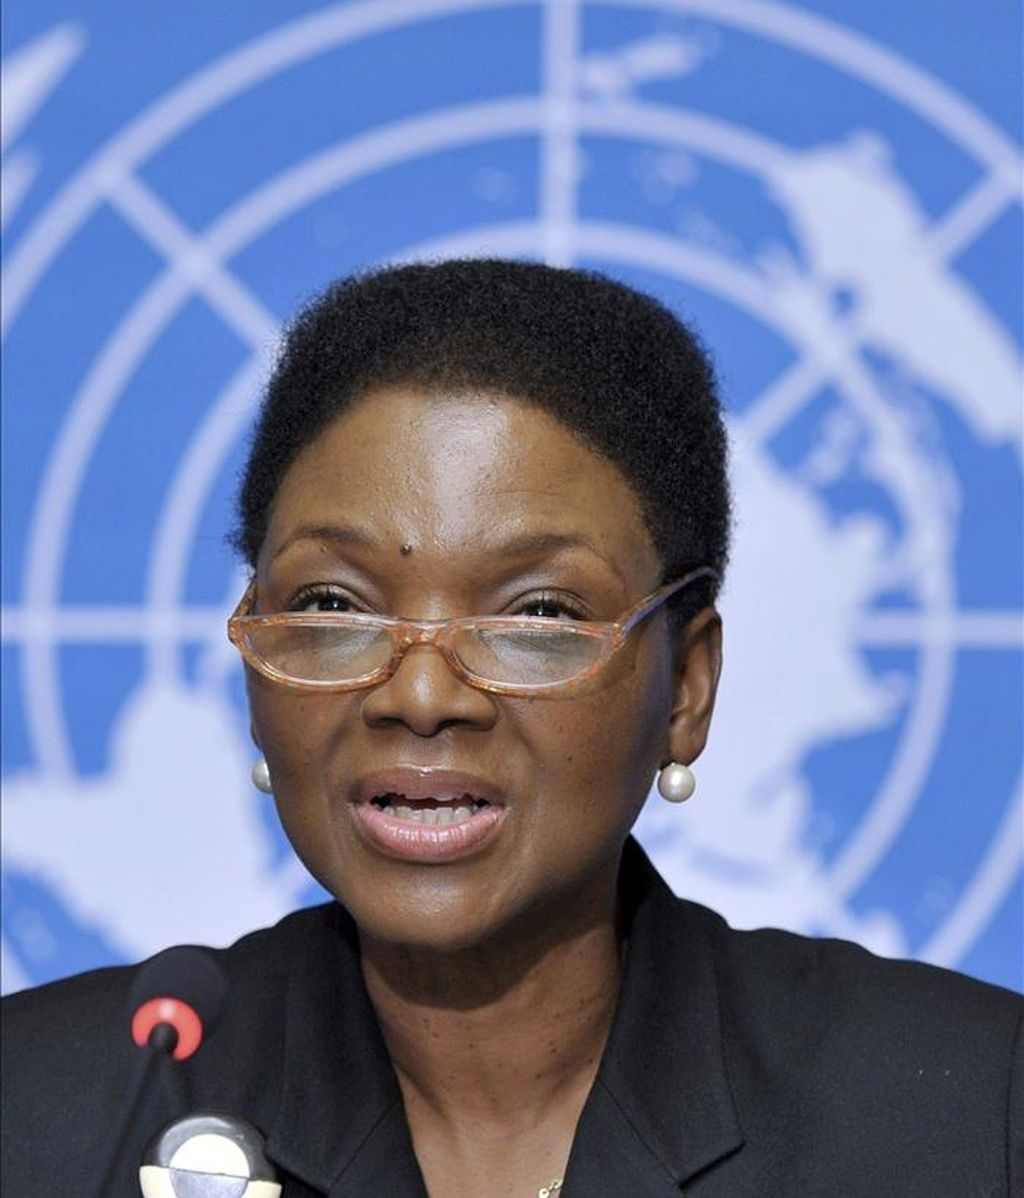 """La subsecretaria general de la ONU para Asuntos Humanitarios, Valerie Amos, dijo: """"No sabemos todavía la magnitud total de las atrocidades cometidas en el país, pero está claro que se han cometido graves violaciones de derechos humanos"""". EFE/Archivo"""